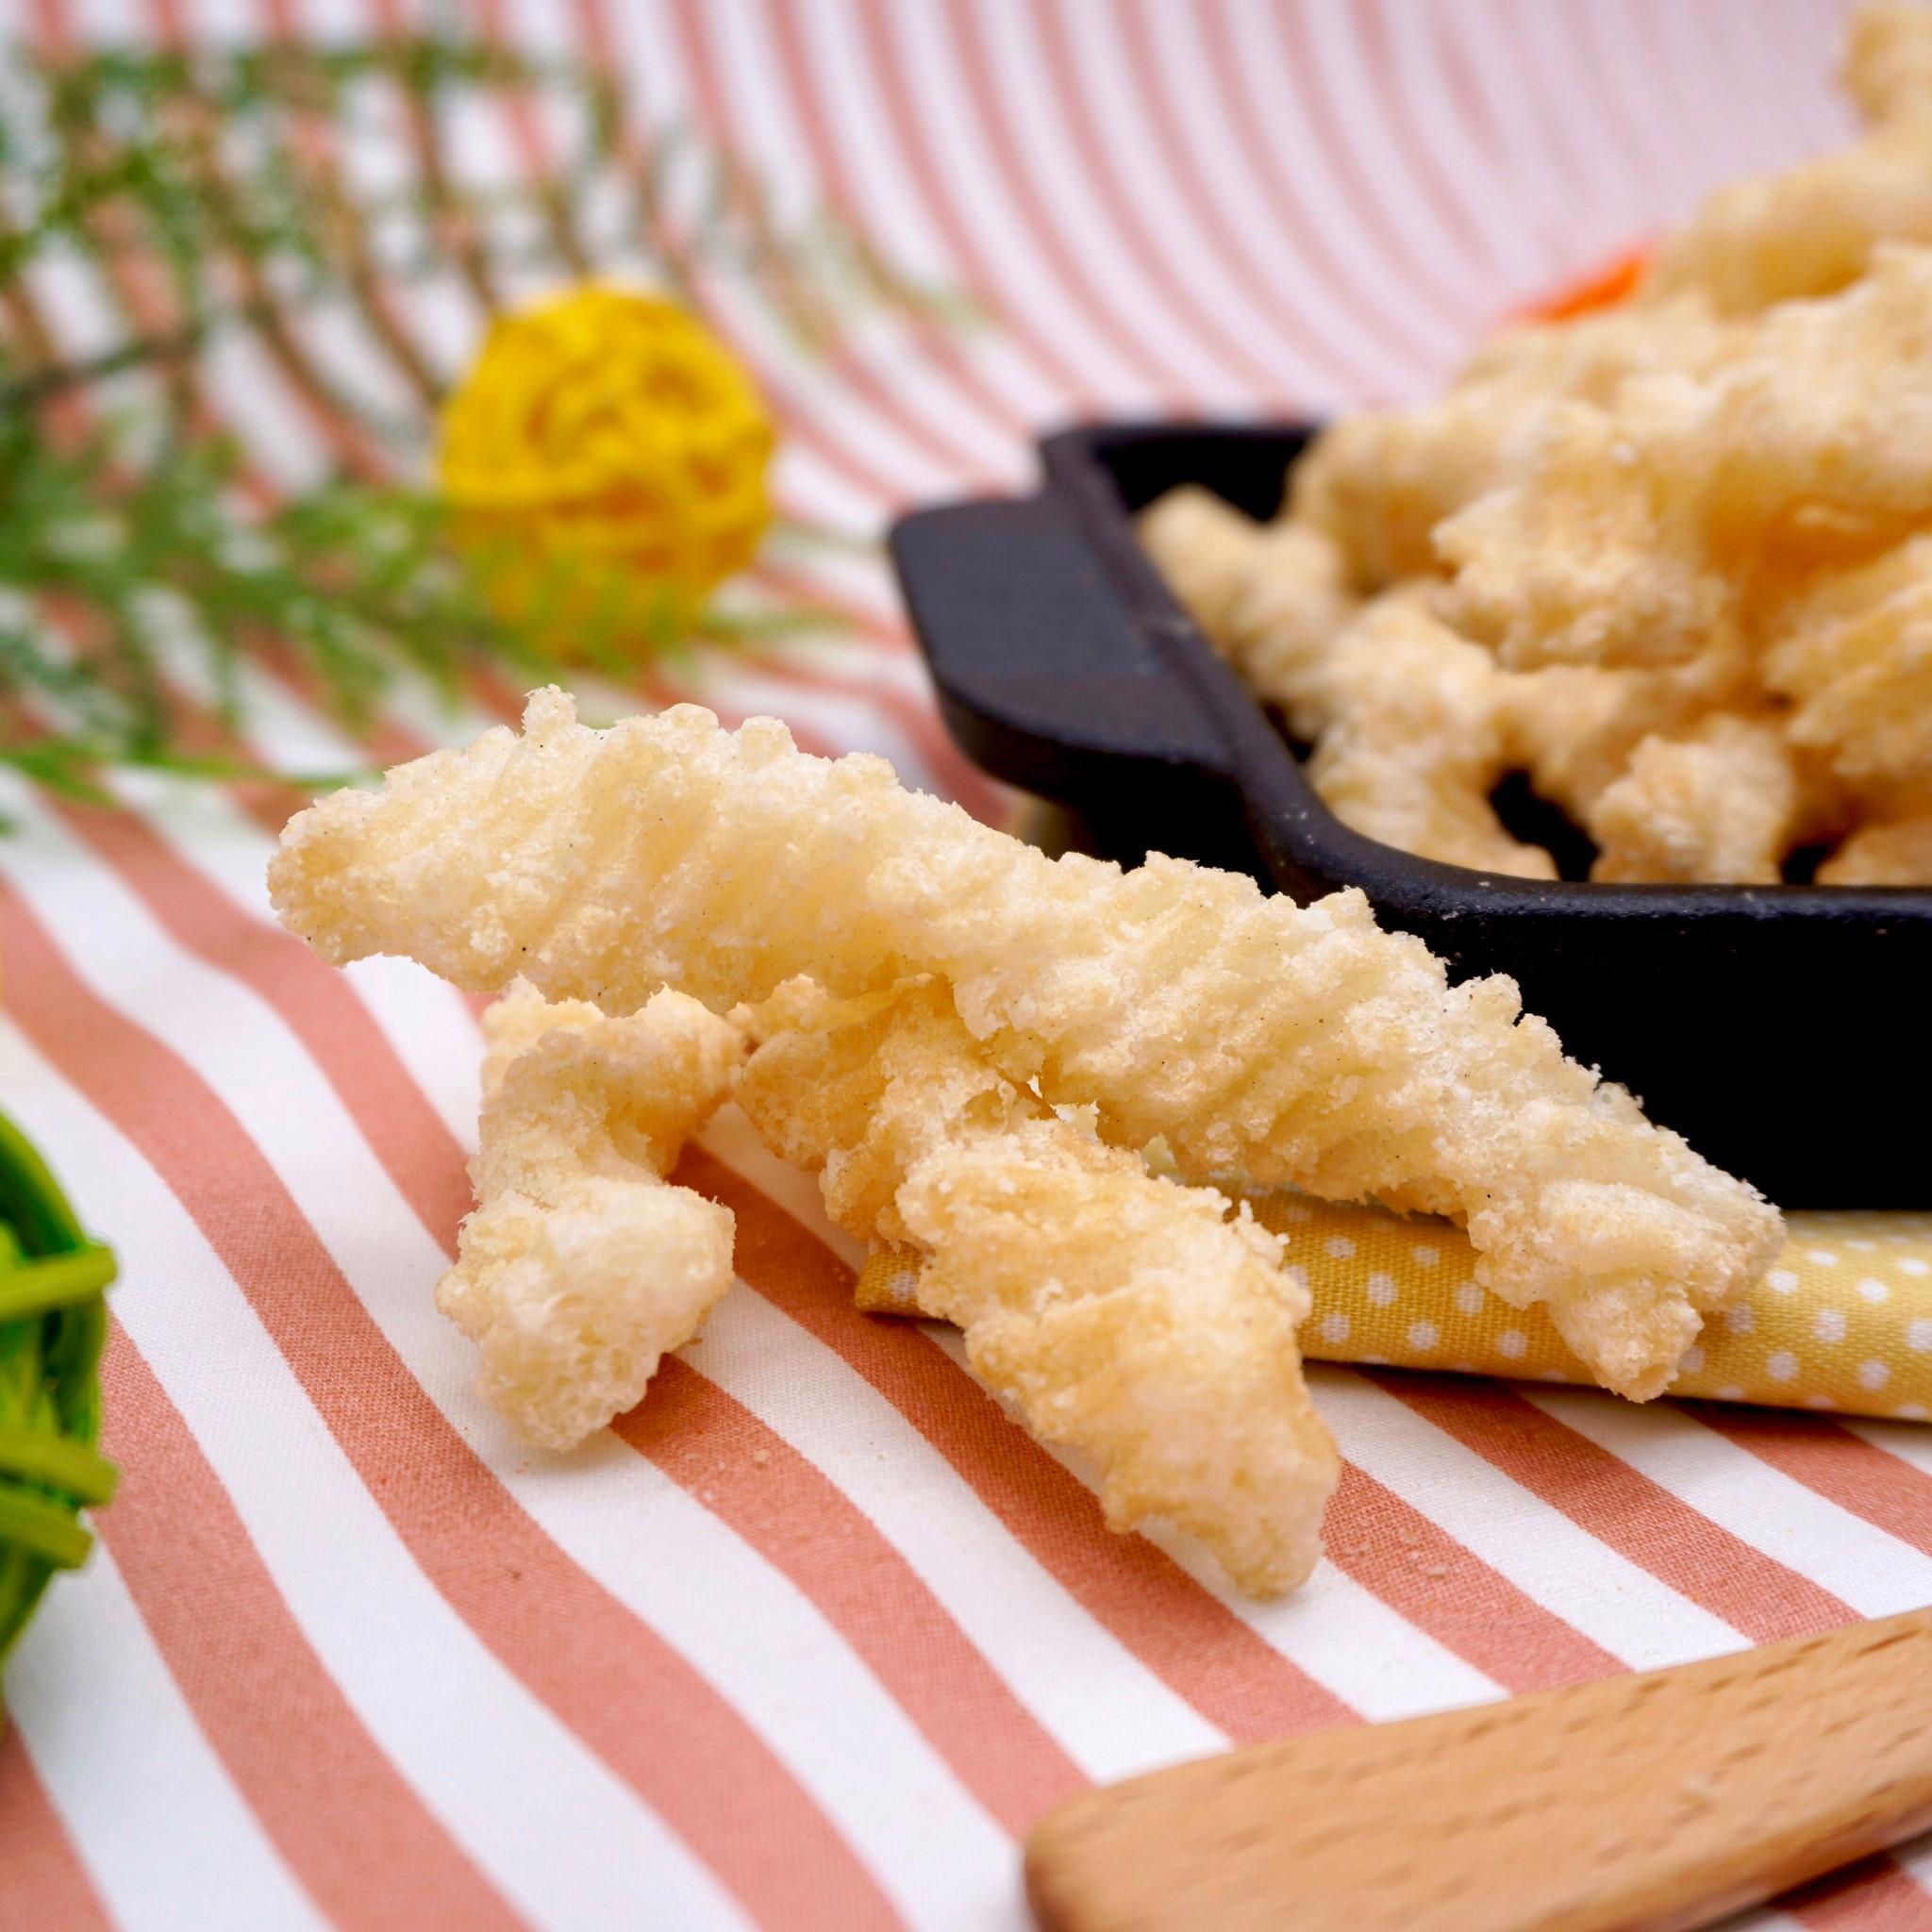 嘴甜甜 甜卡哩卡哩 100公克 餅乾系列 鹹卡哩卡哩 卡哩卡哩 餅乾 零食 甜卡哩 鹹卡哩 素食 現貨